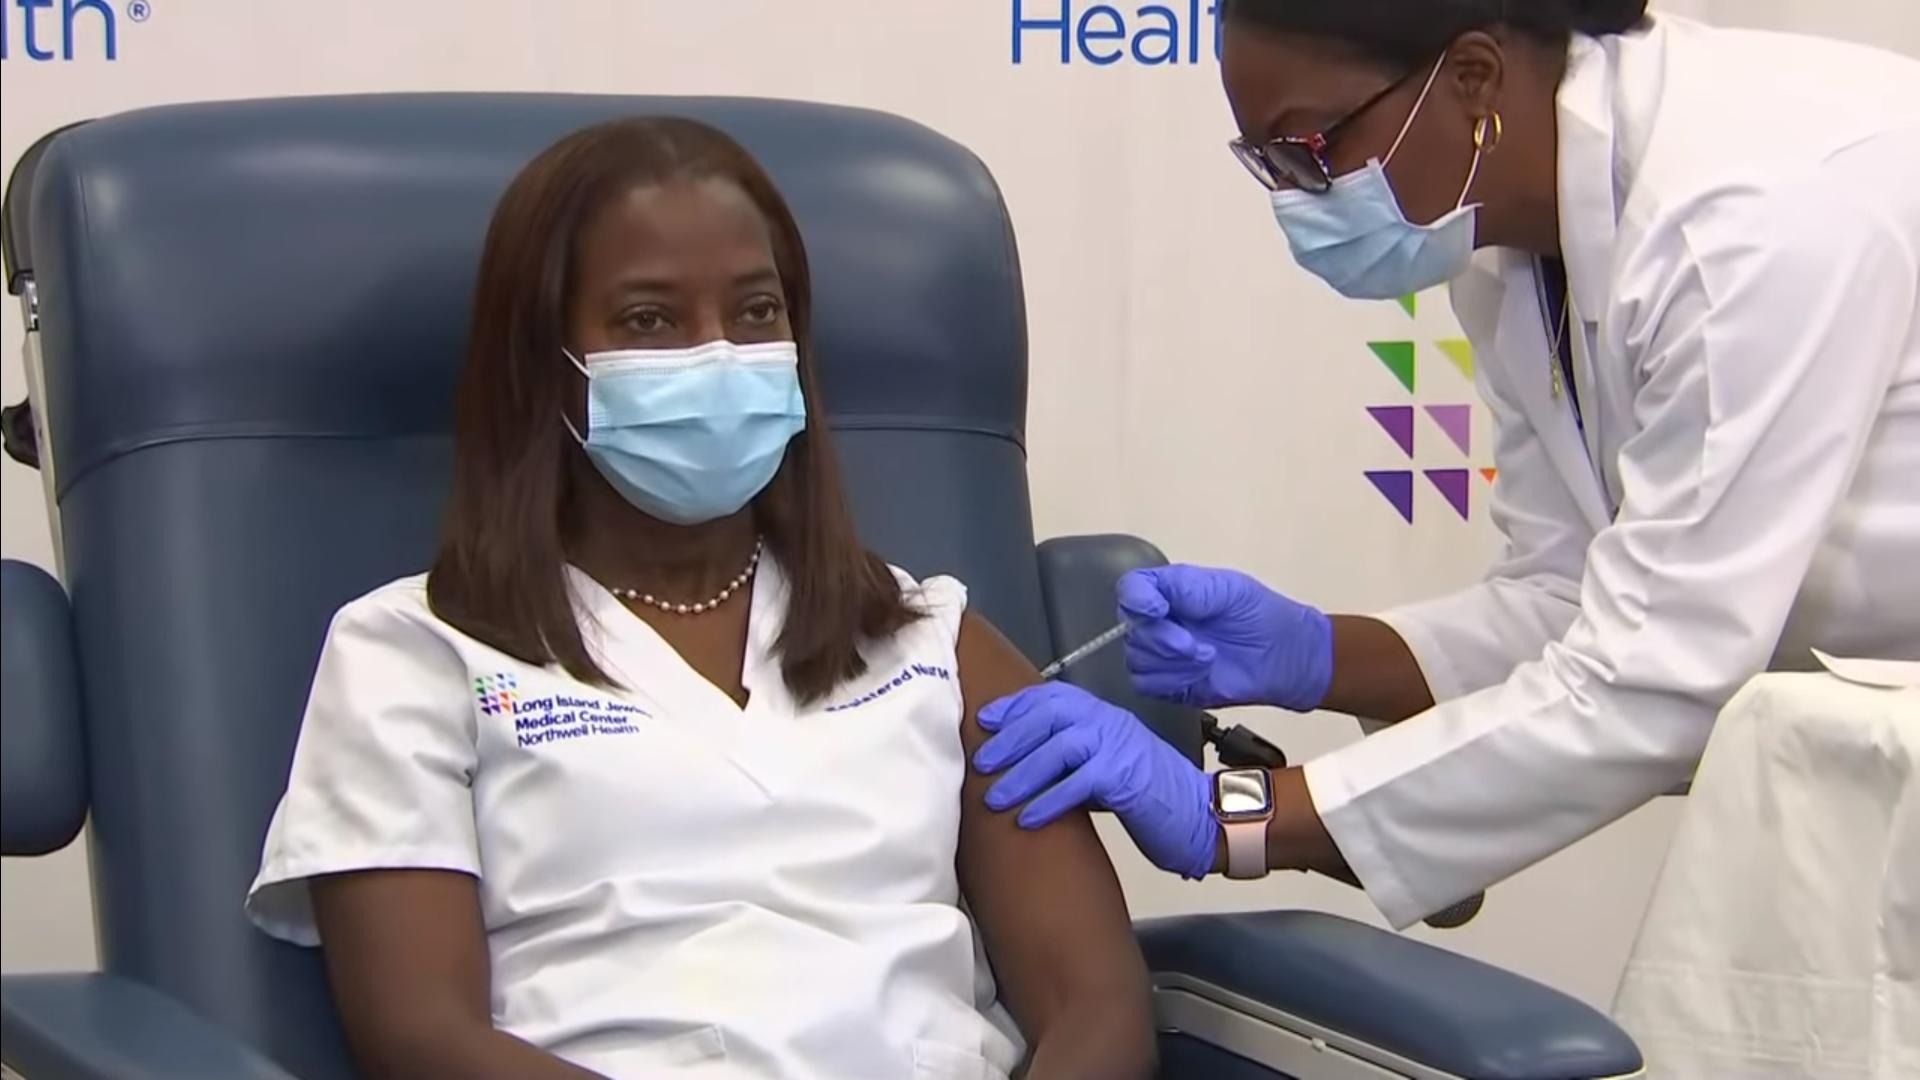 IMAGEM: Enfermeira é 1ª a receber vacina em Nova York